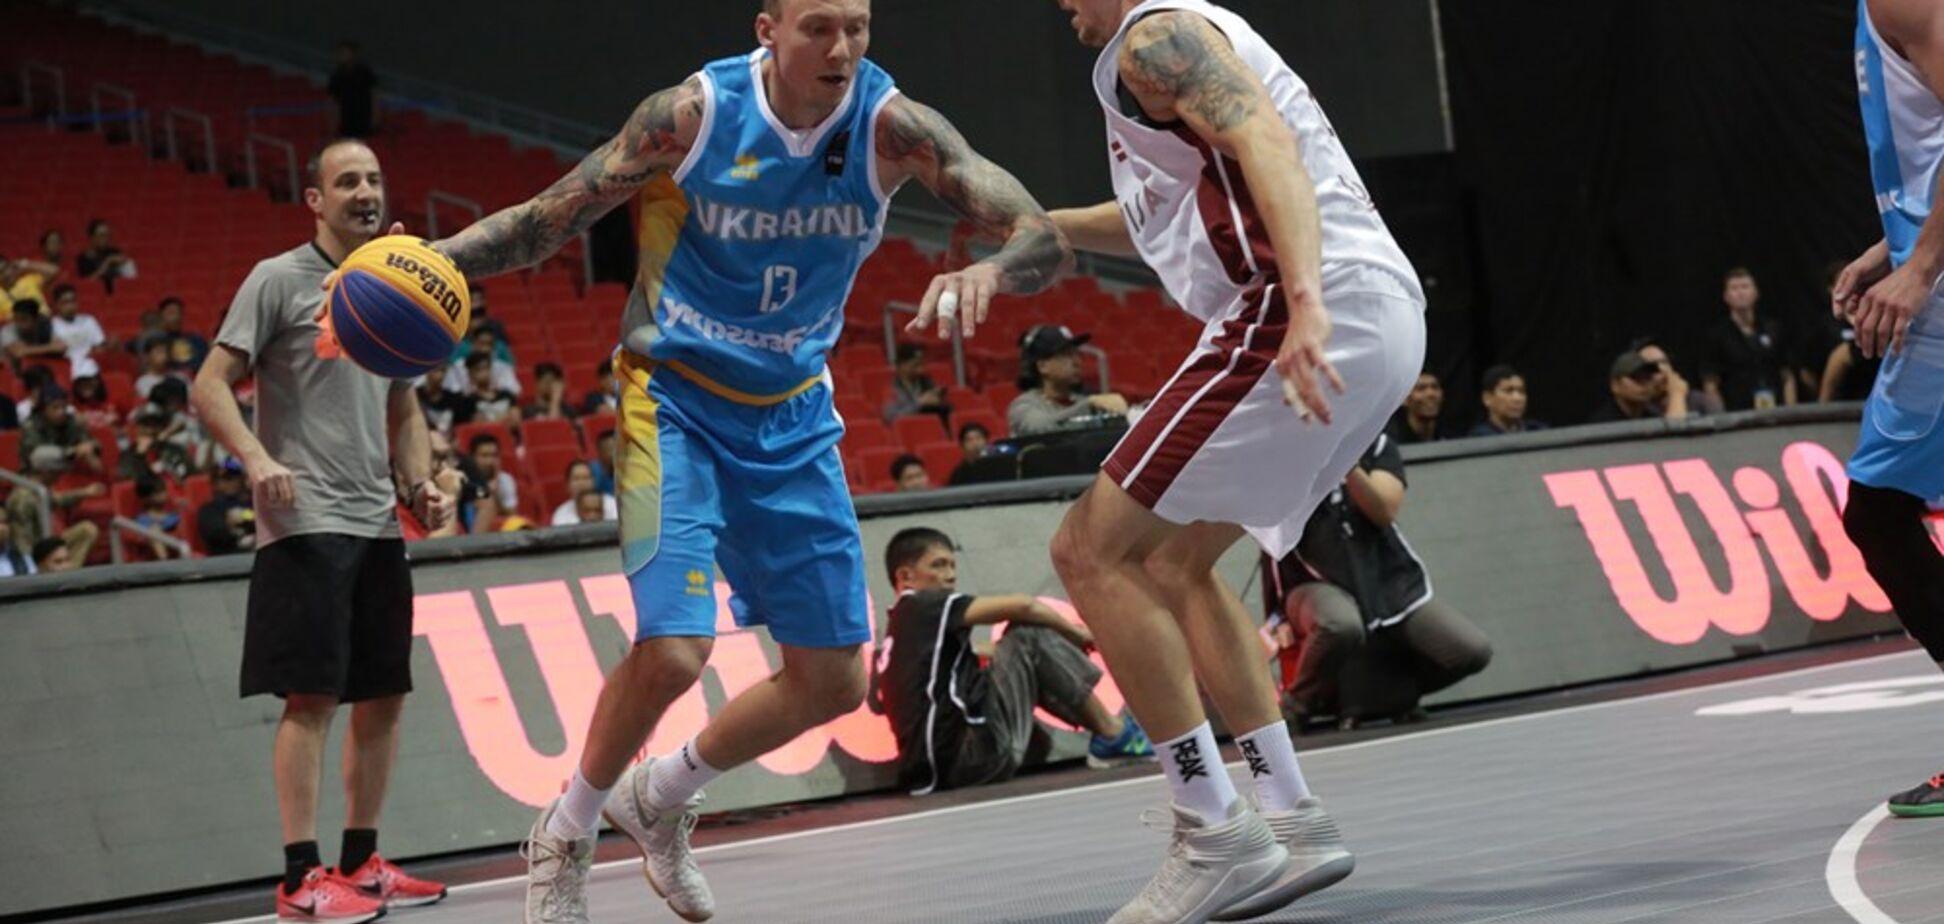 Україна вийшла в чвертьфінал КС з баскетболу 3х3